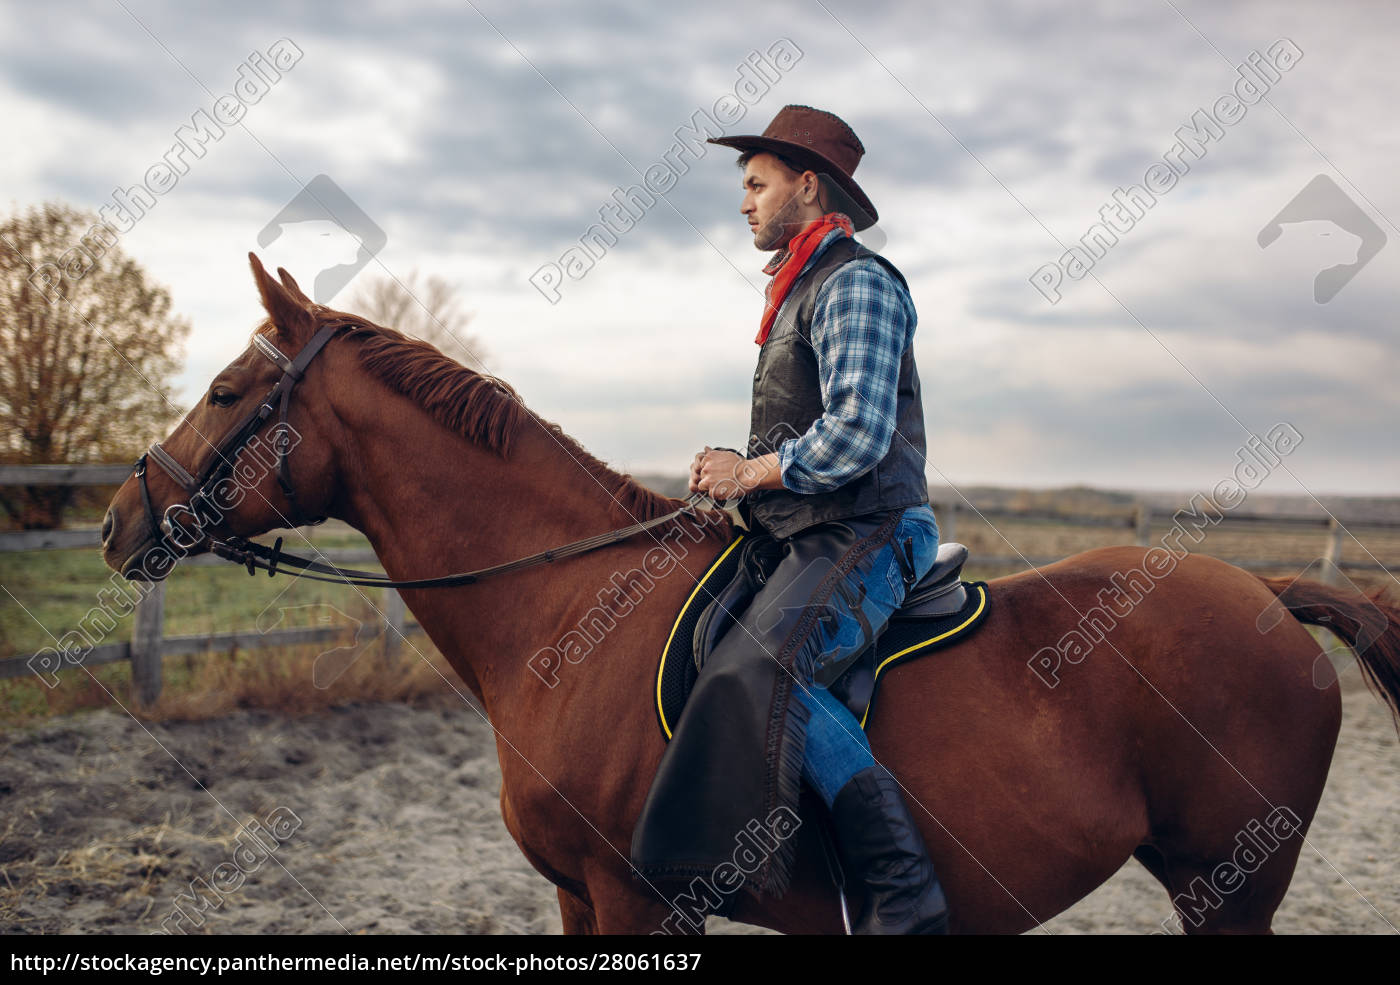 cowboy, riding, a, horse, on, texas - 28061637